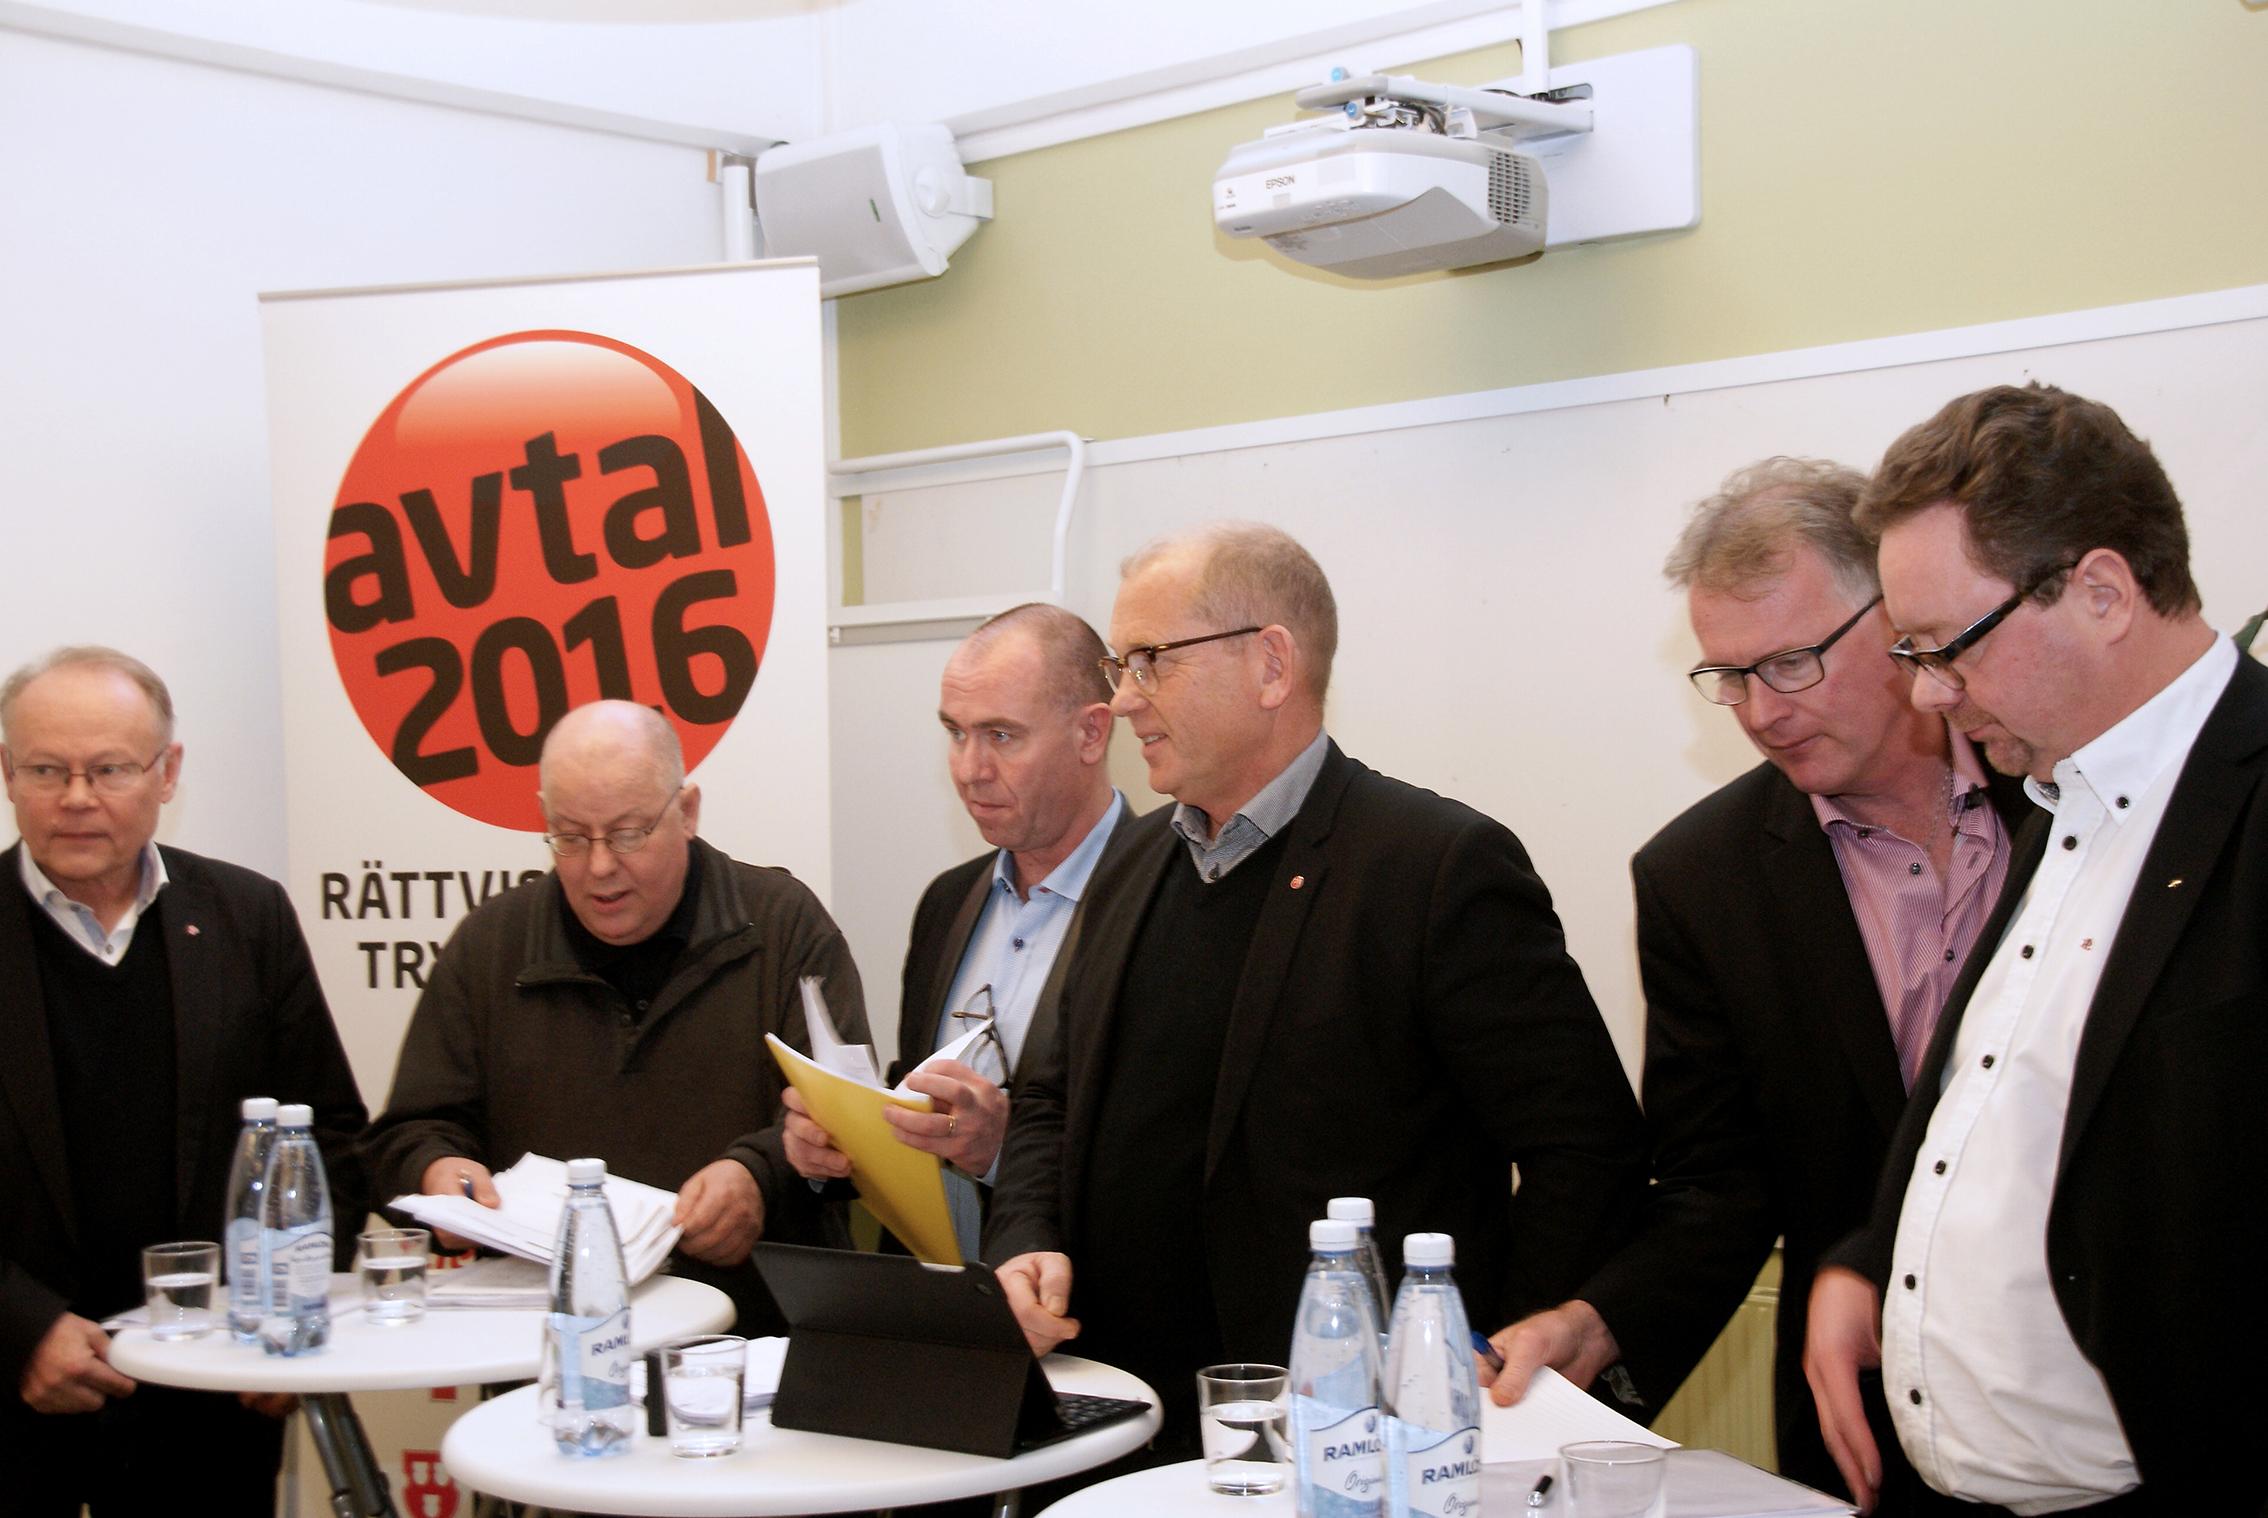 Fem fackförbund går fram med gemensamma avtalskrav. Från vänster Janne Rydén, ordförande Seko, ekonomen Christer Persson, Jonas Wallin, ordförande Elektrikerna, Johan Lindholm, ordförande Byggnads, Mikael Johansson, ordförande Målarna och Magnus Pettersson, ordförande Fastighets.